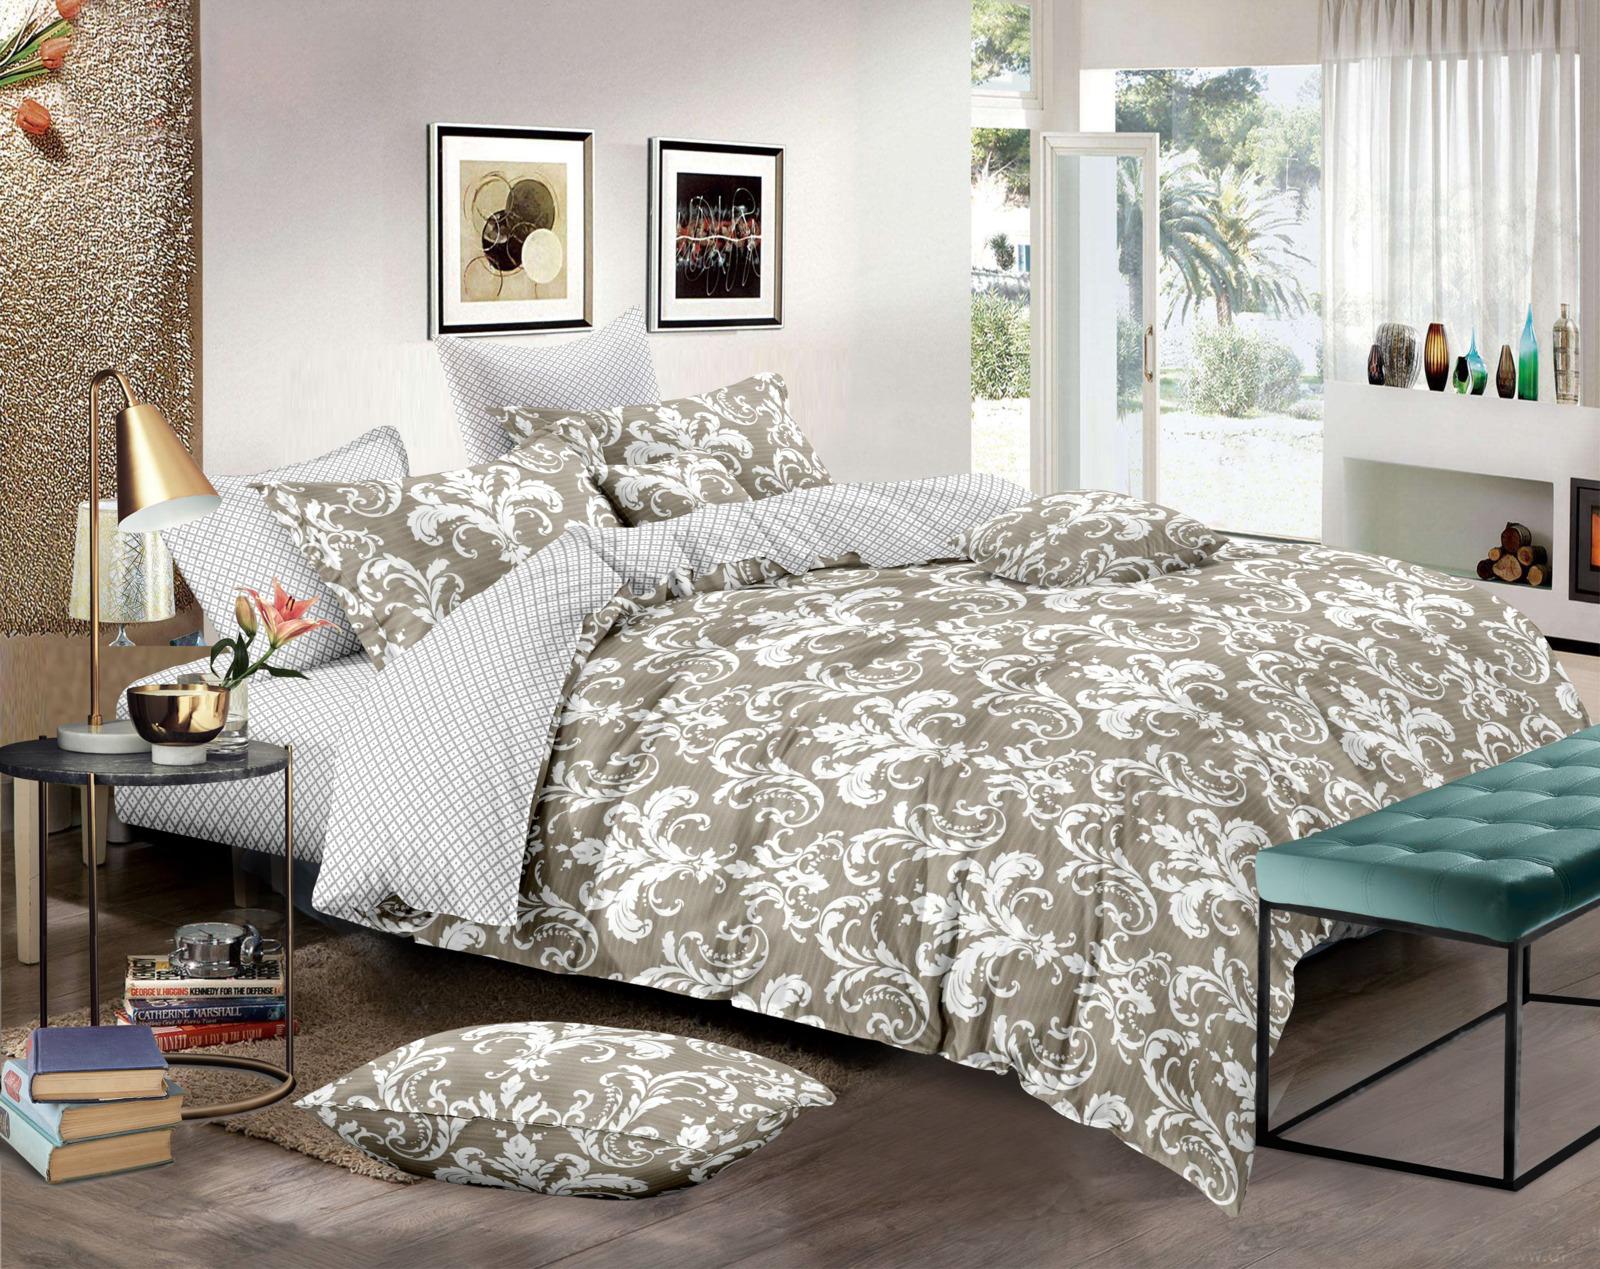 цена Комплект постельного белья Amore Mio Gold Bonnie, 7834, бежевый, 1,5-спальный, наволочки 70x70 онлайн в 2017 году